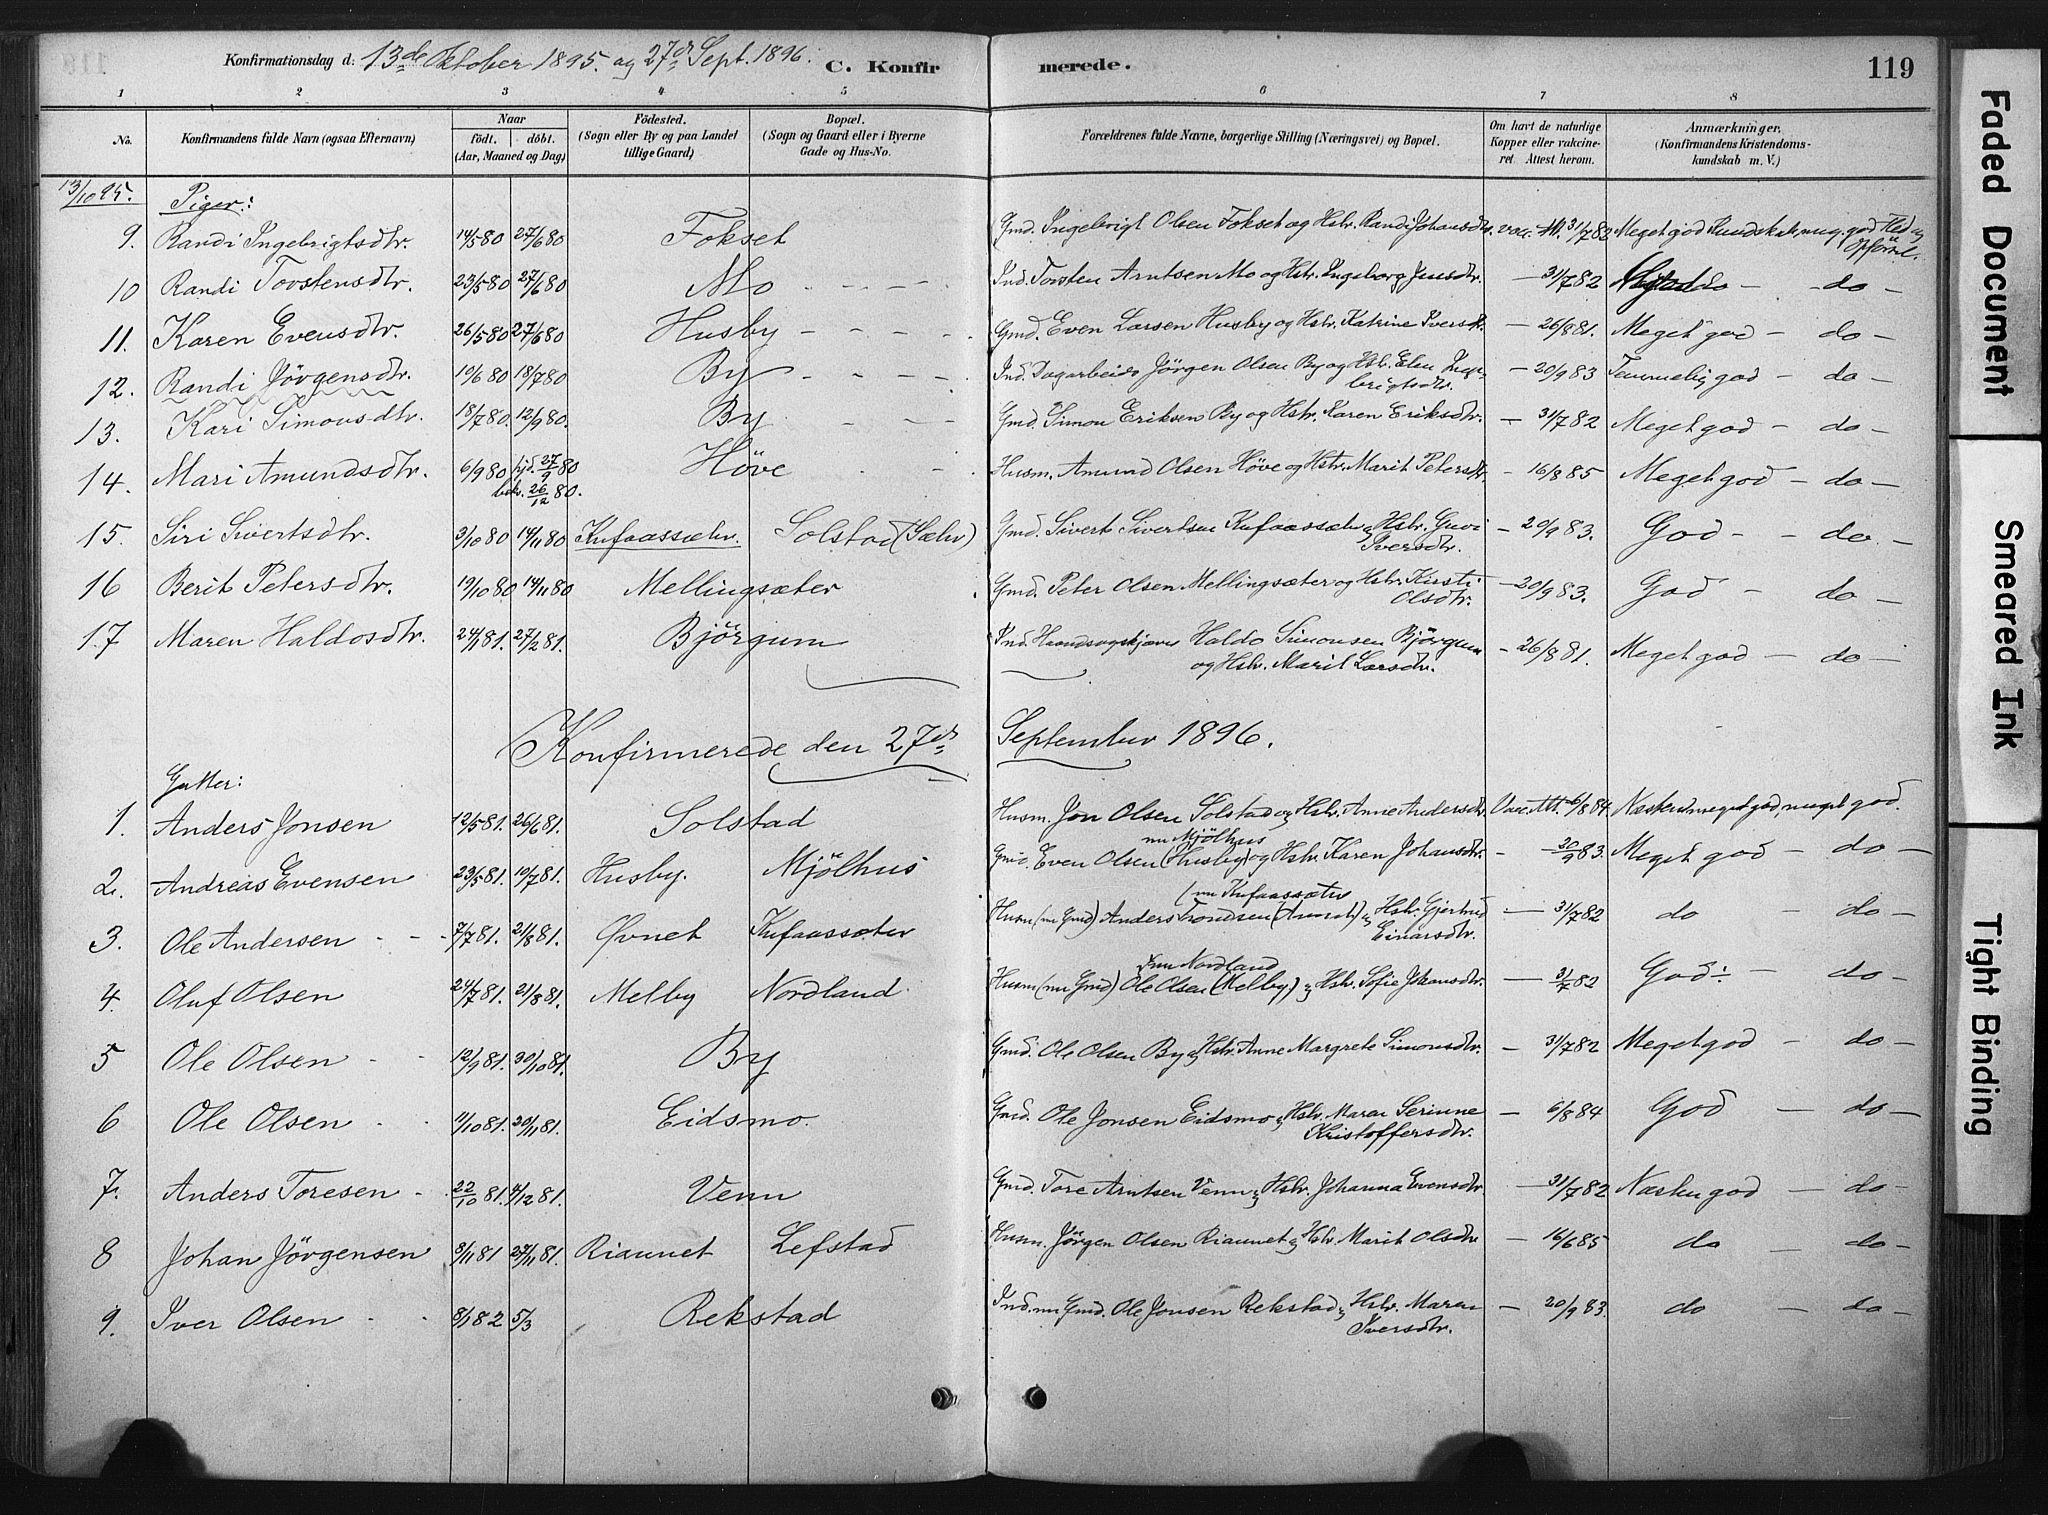 SAT, Ministerialprotokoller, klokkerbøker og fødselsregistre - Sør-Trøndelag, 667/L0795: Ministerialbok nr. 667A03, 1879-1907, s. 119